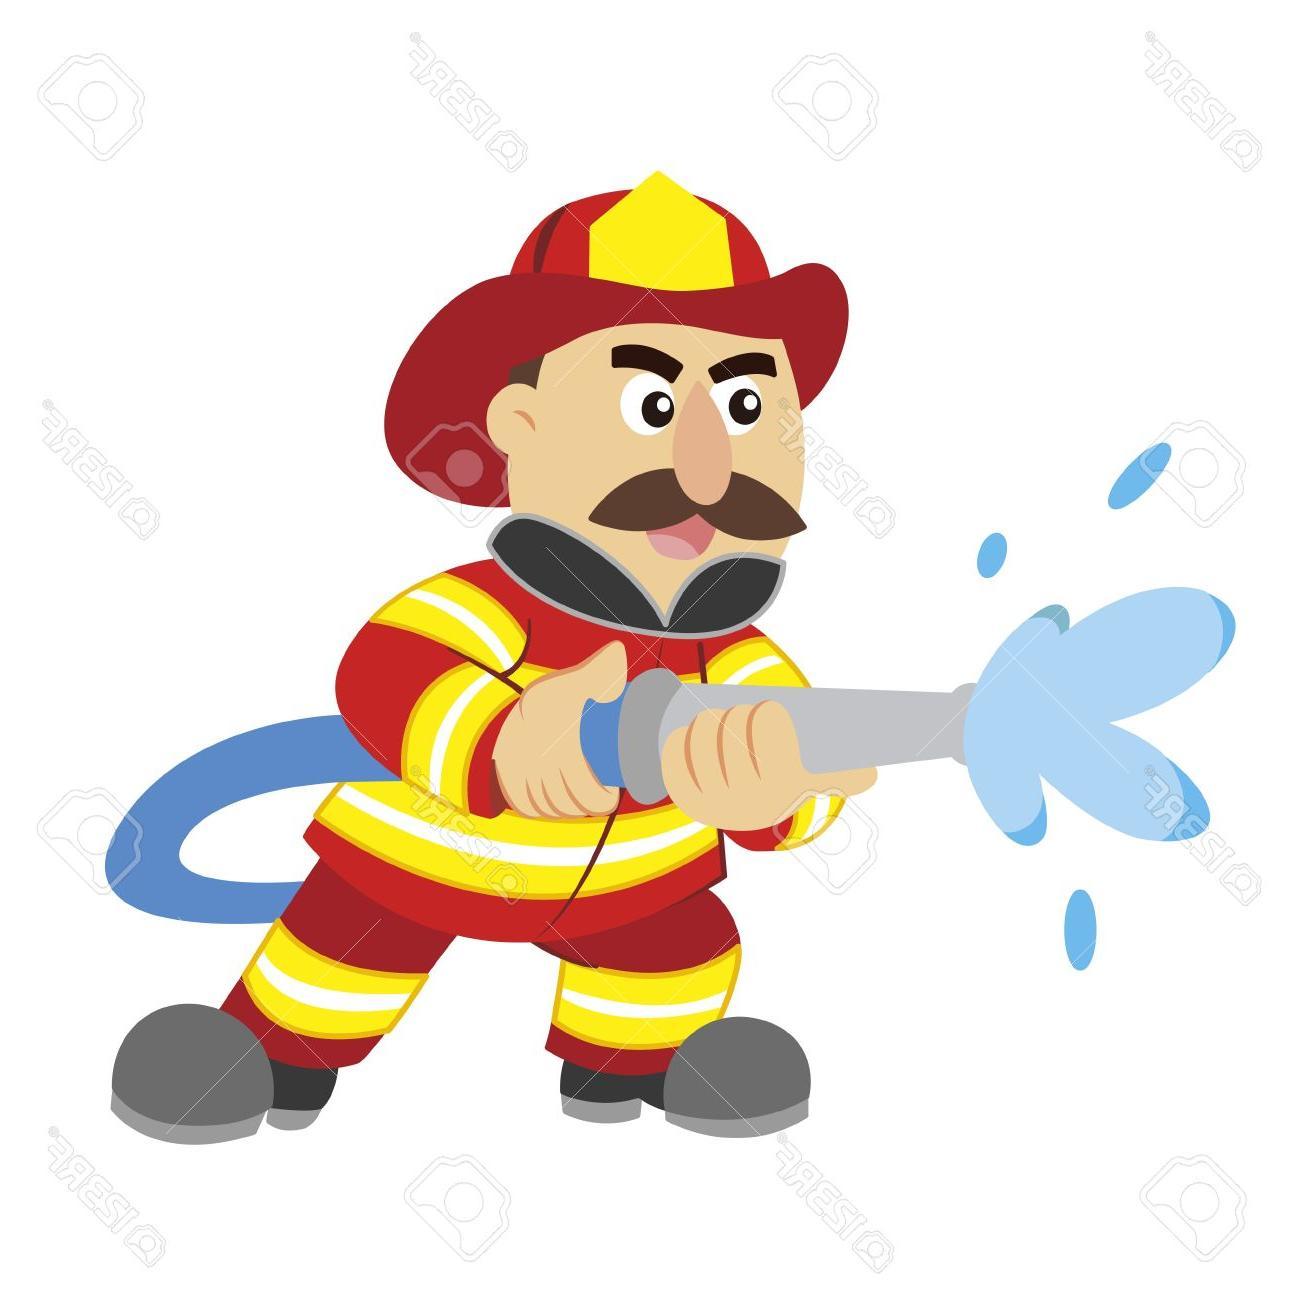 1300x1300 Best An Illustration Of Cartoon Fireman Stock Vector Firefighter